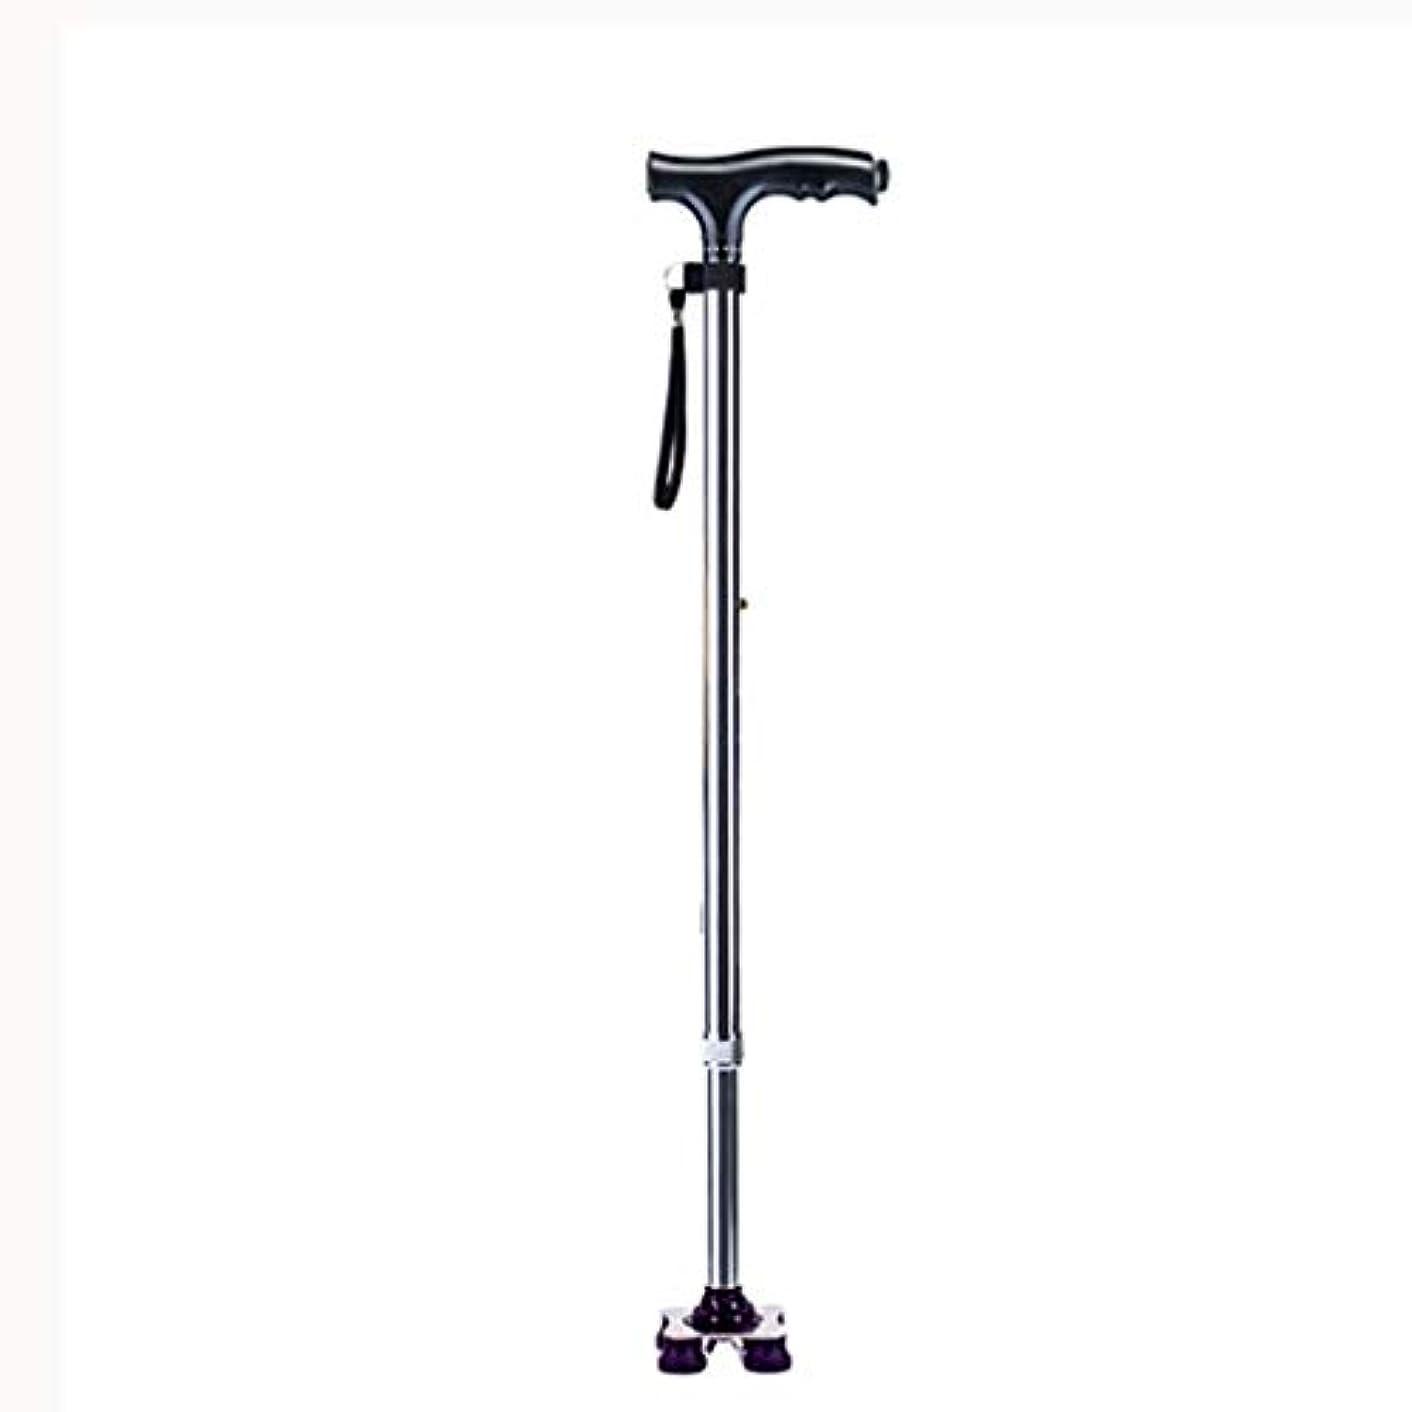 忌まわしいアグネスグレイディスク高さ調整可能な杖、スタイリッシュな杖、LEDライト、高齢者や身体の不自由な方に最適 Silver